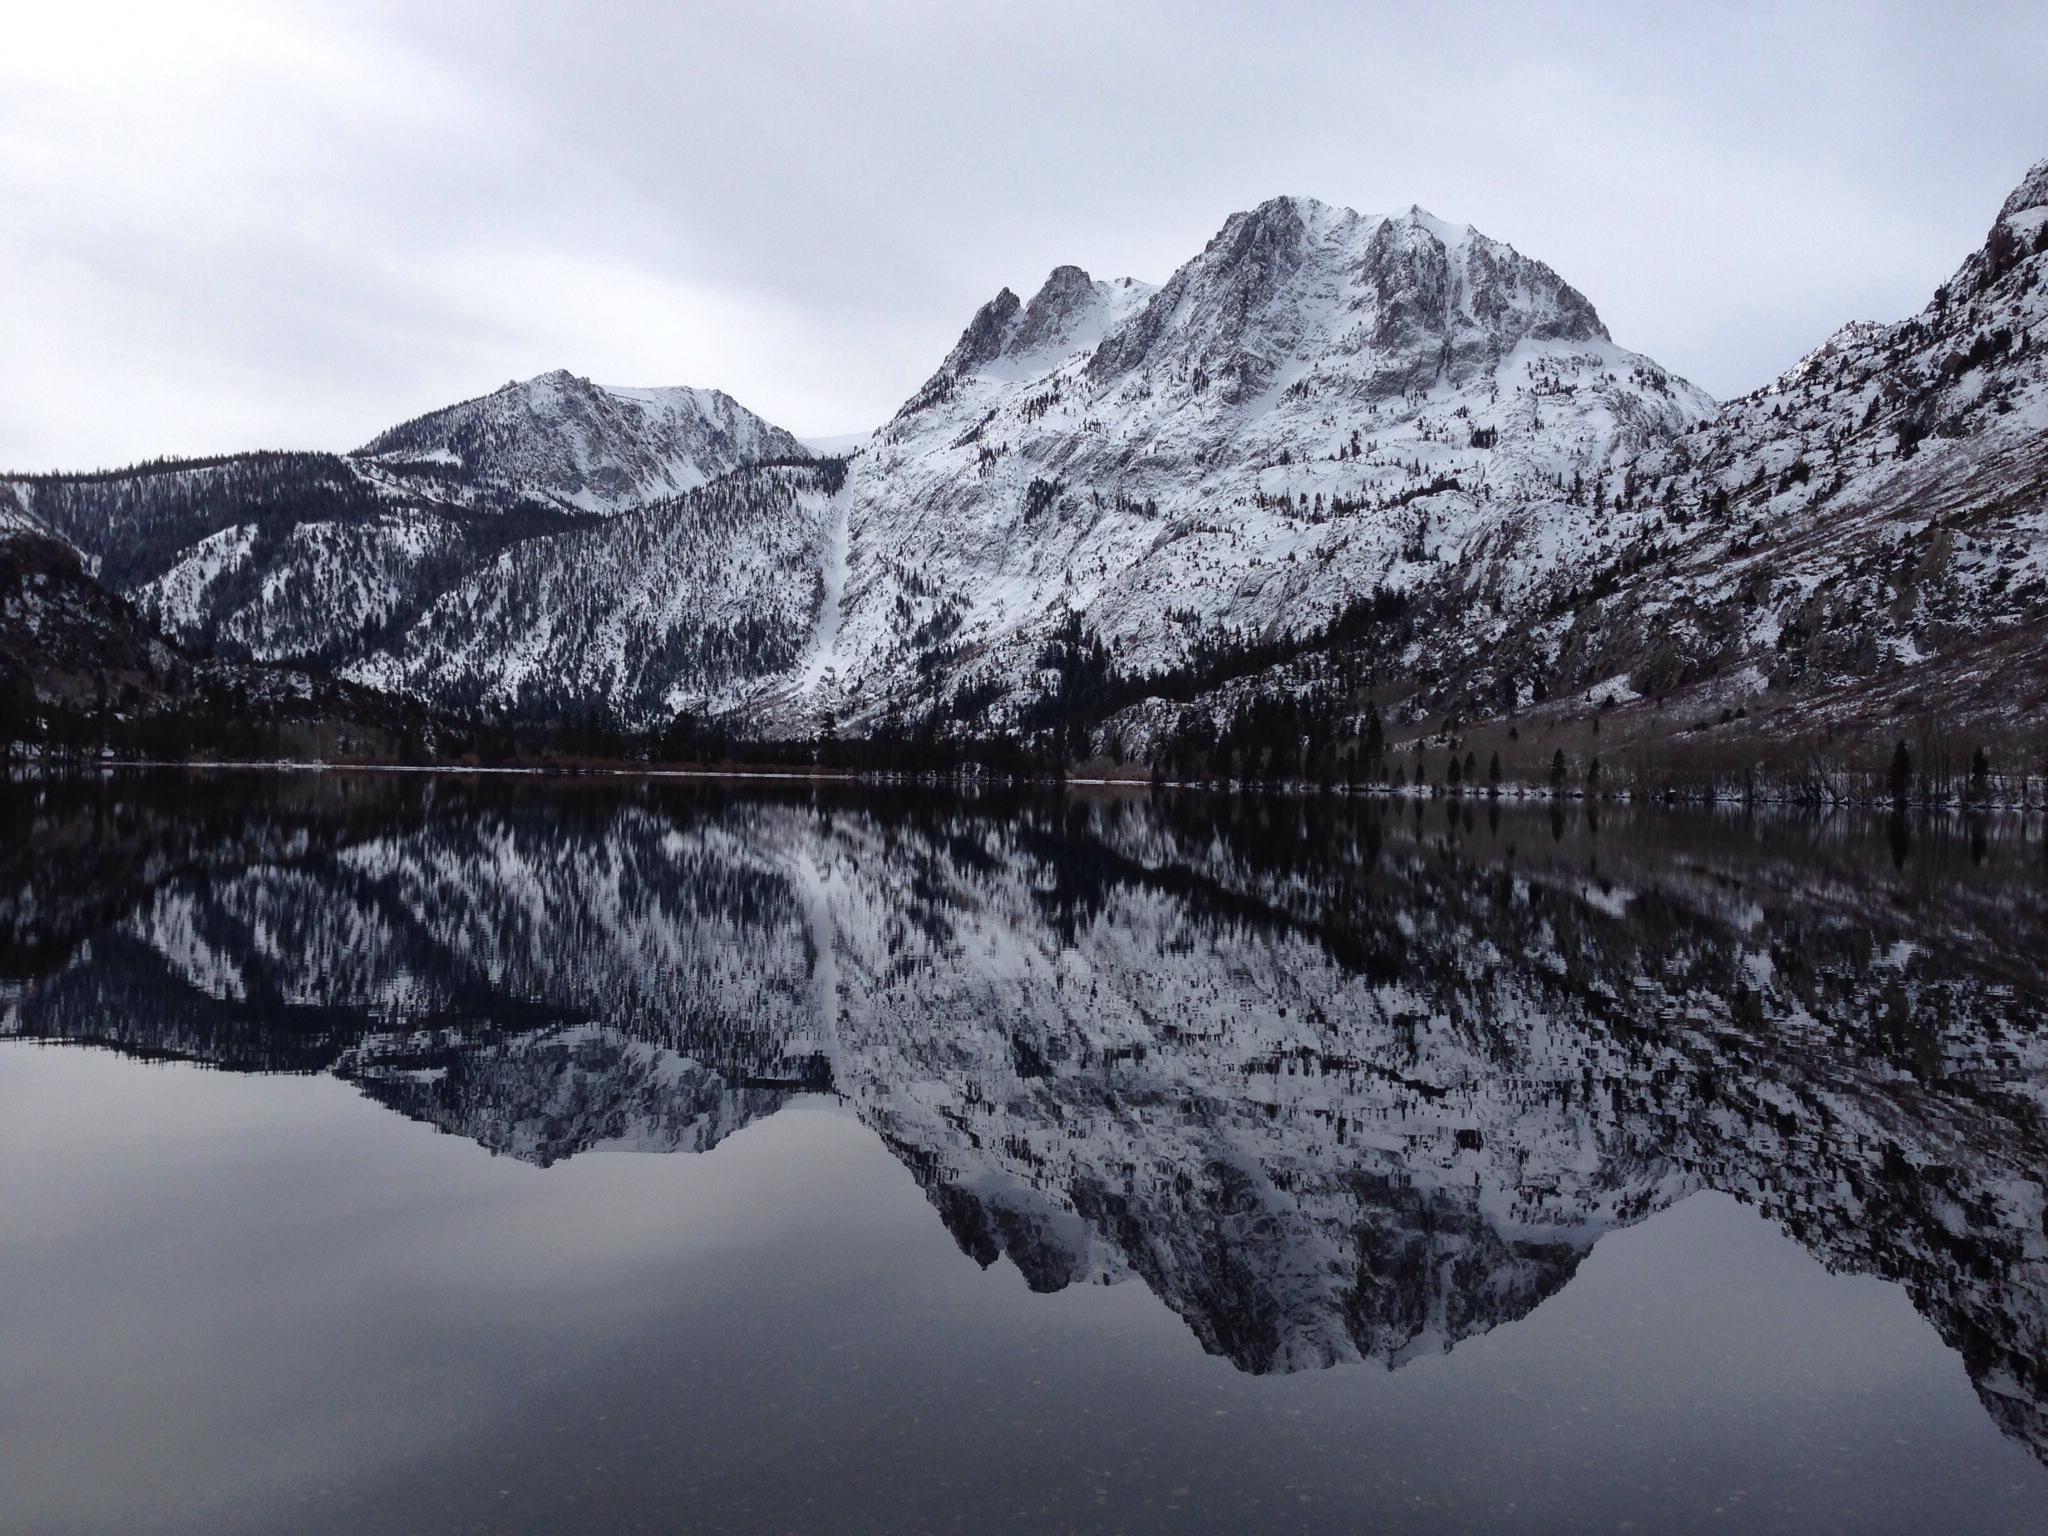 Silver Lake lies beneath Carson Peak